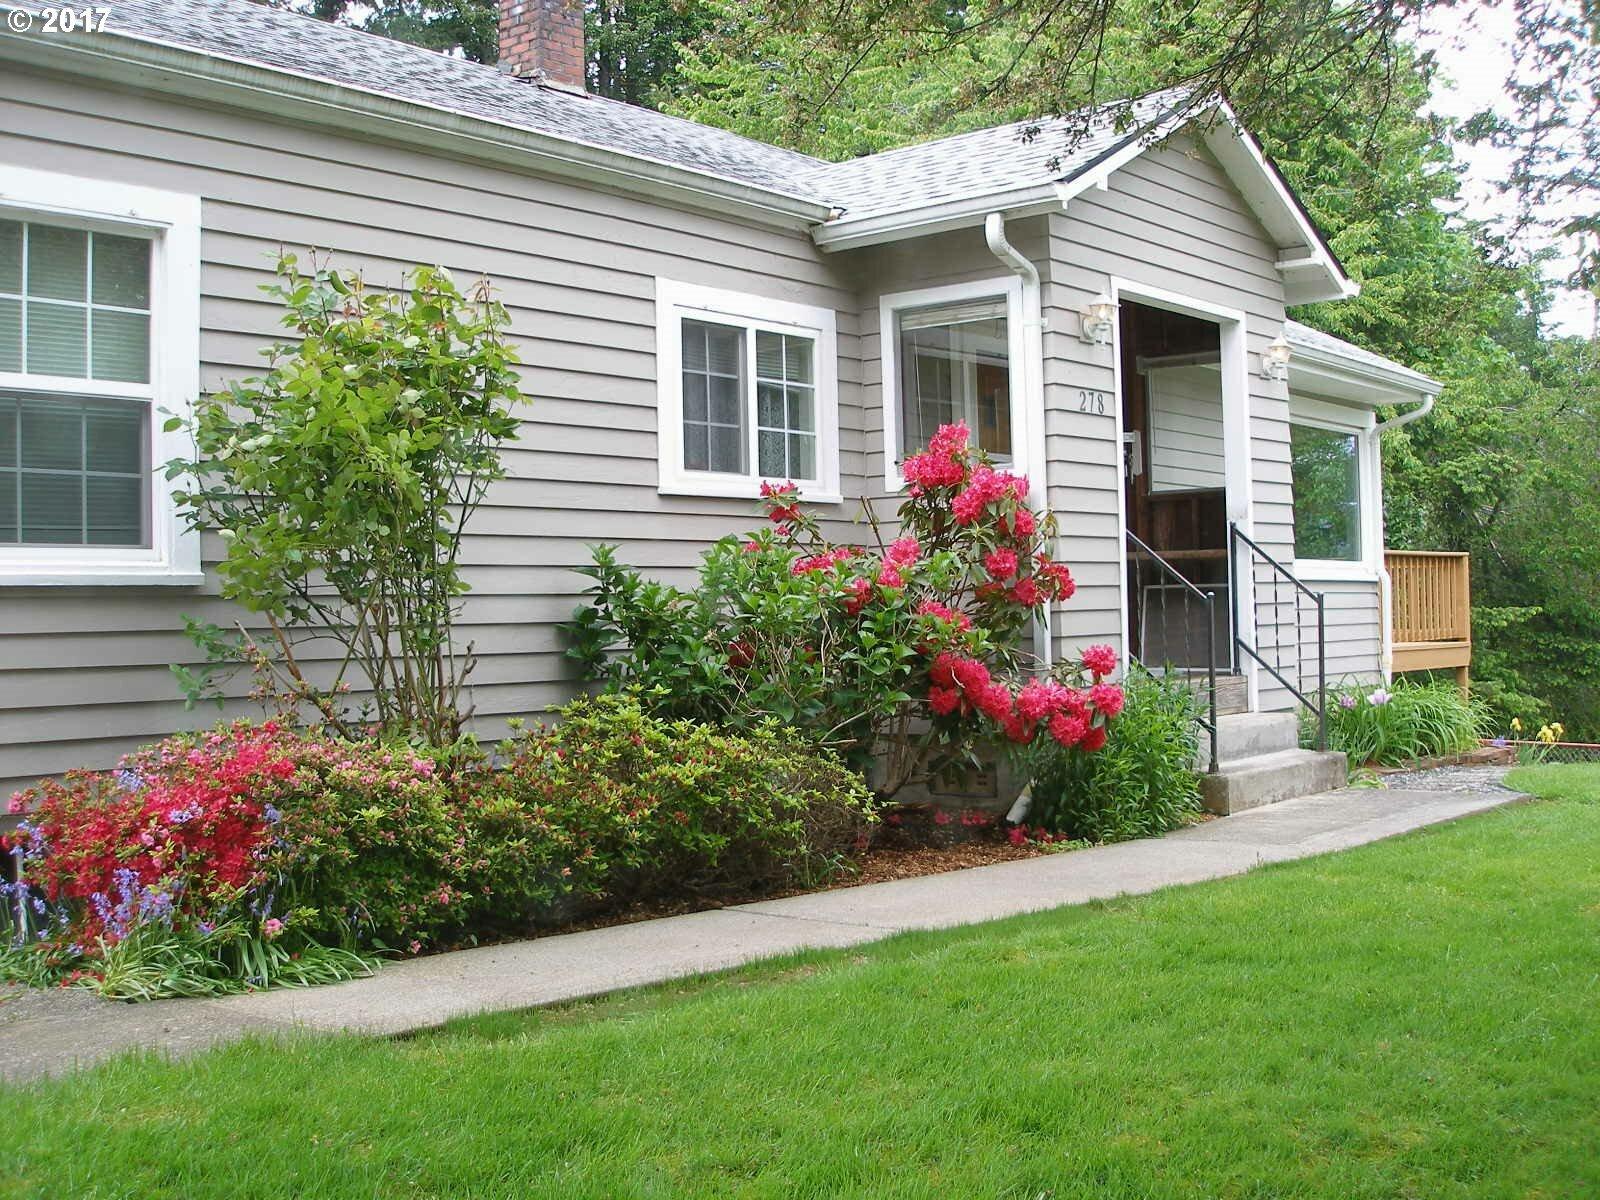 278 Ne Frank Johns Rd, Stevenson, WA - USA (photo 1)